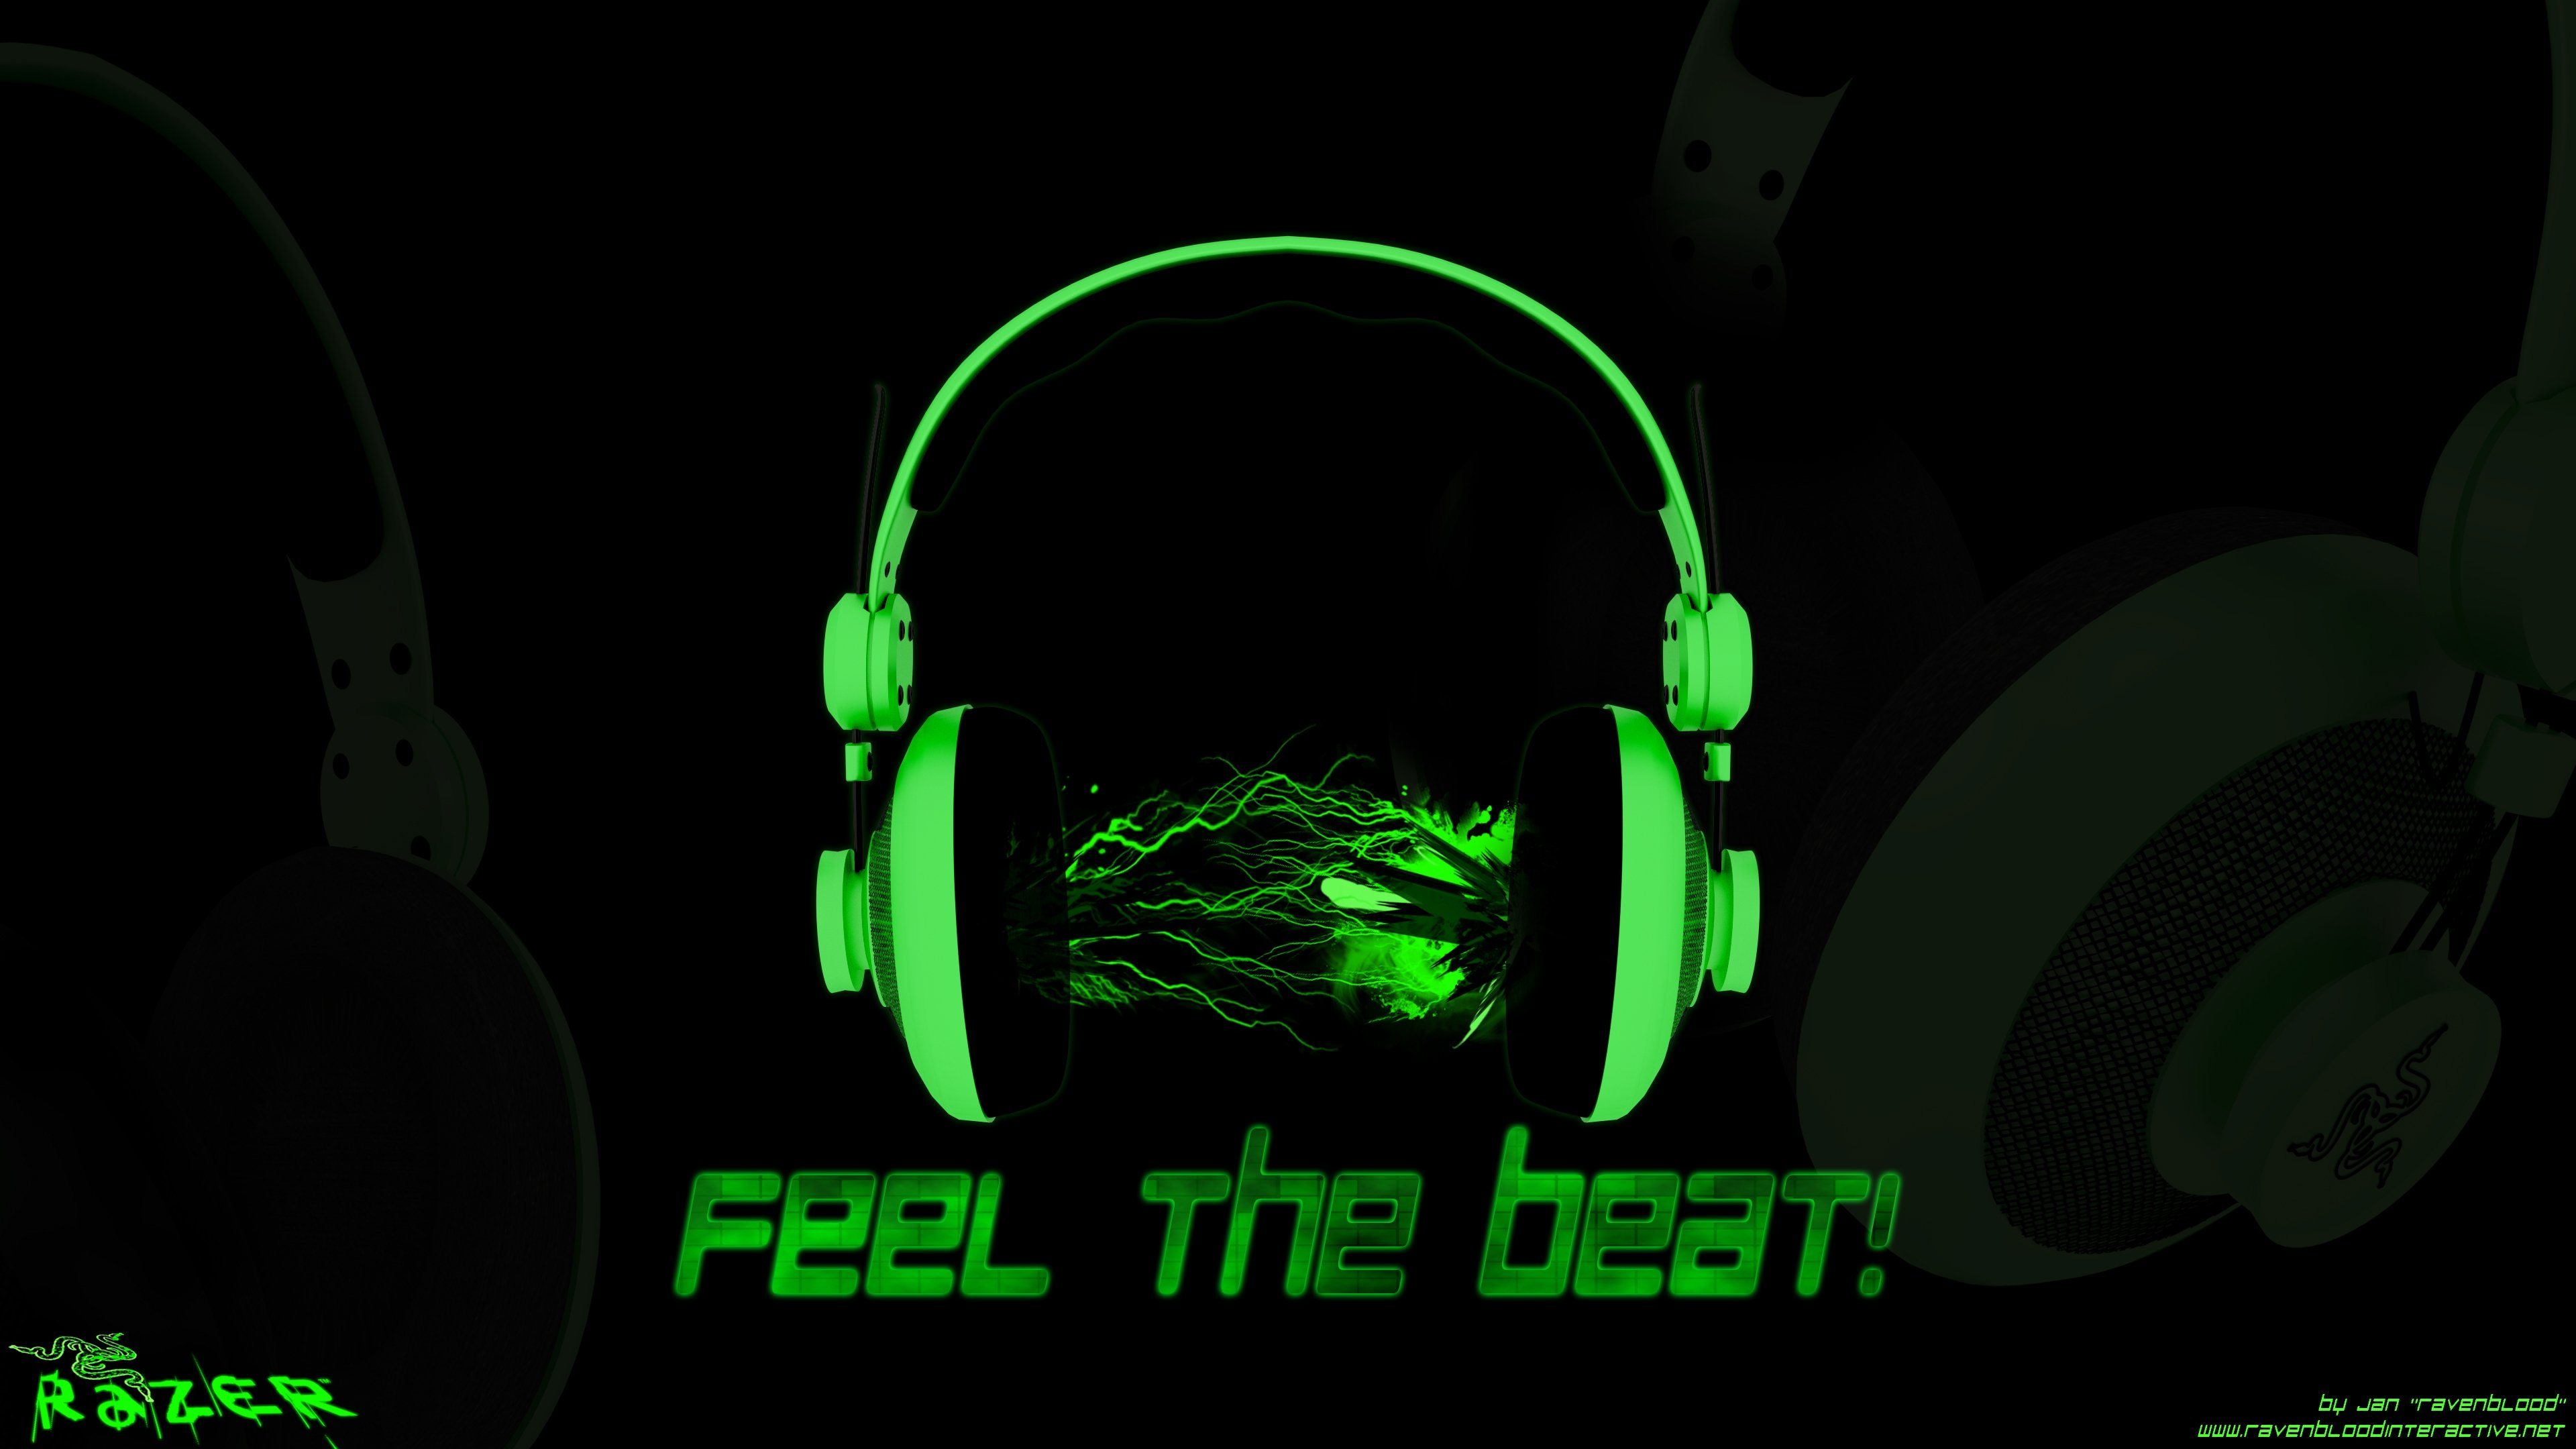 RAZER GAMING computer game headphones wallpaper 3840x2160 400633 3840x2160